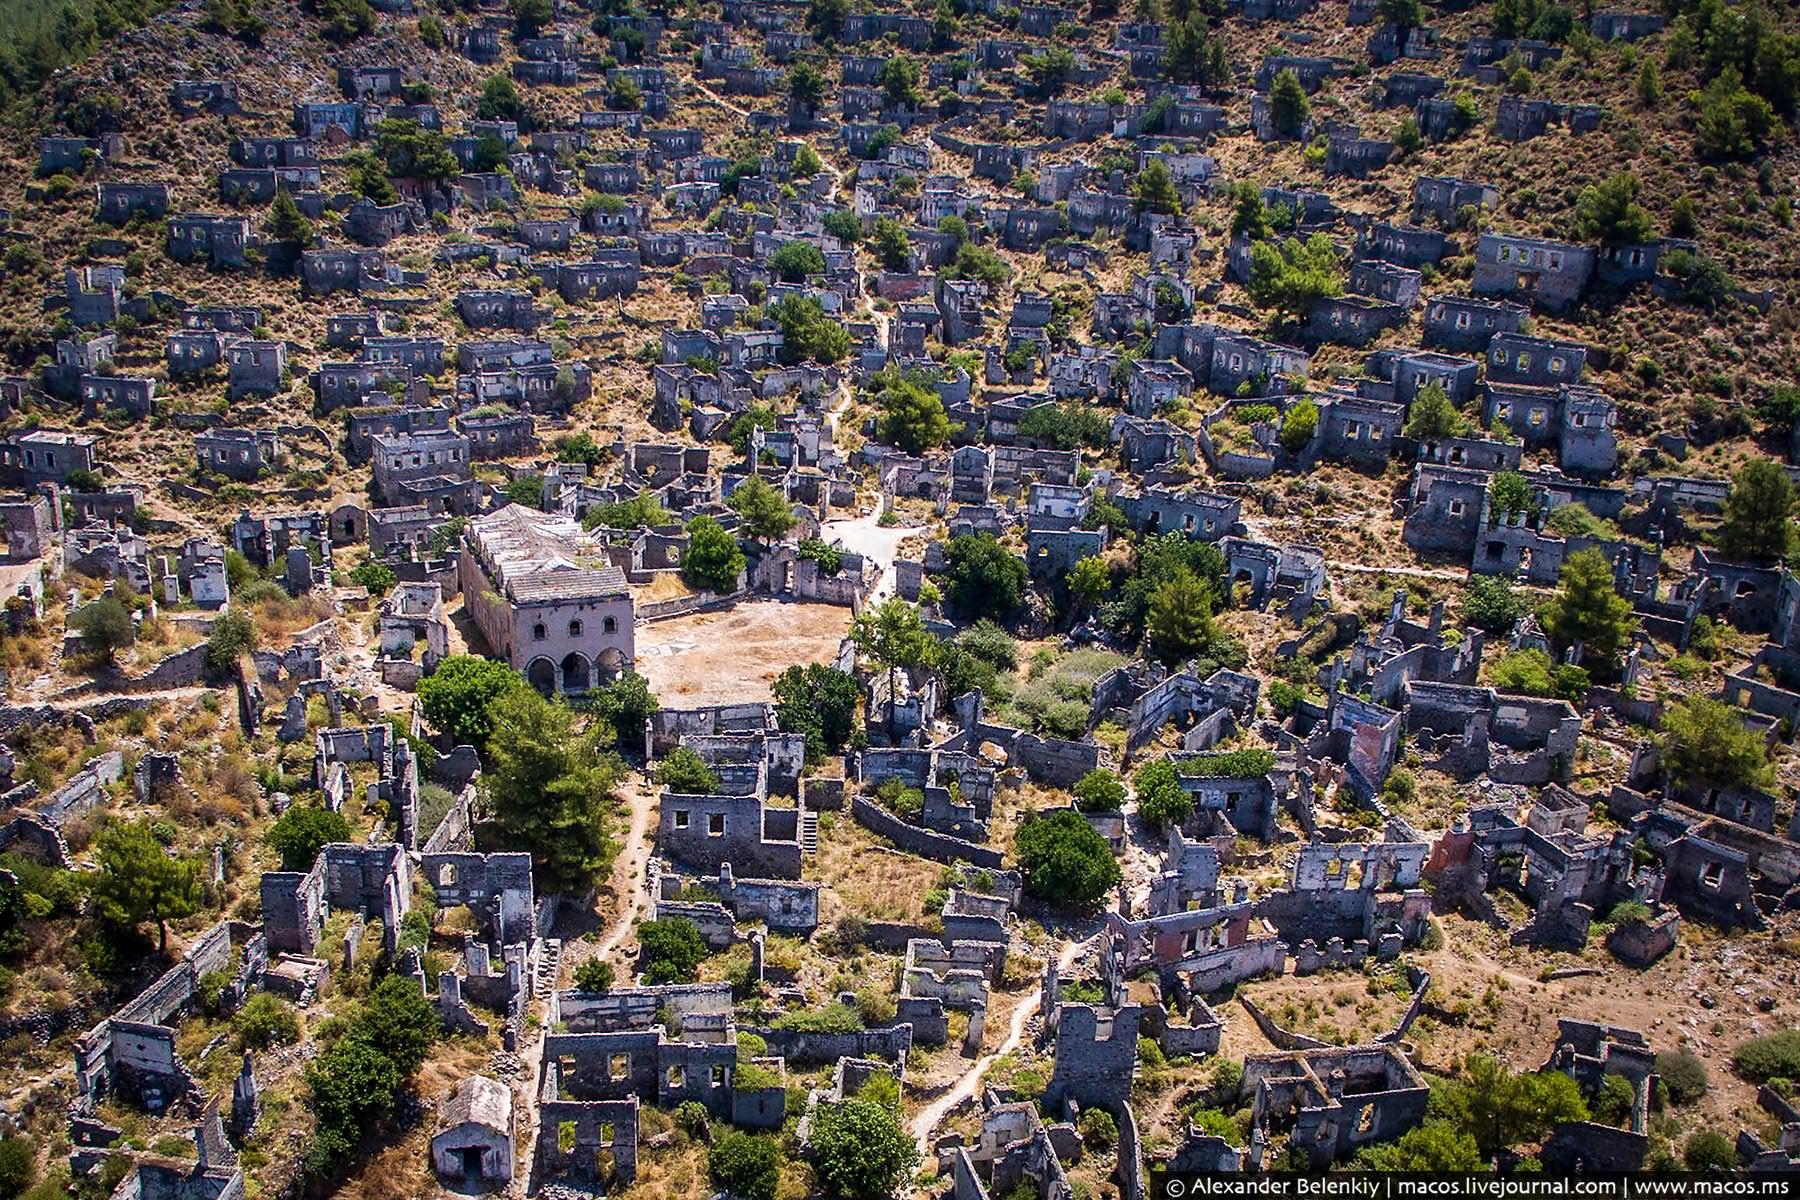 Огромный заброшенный город в горах